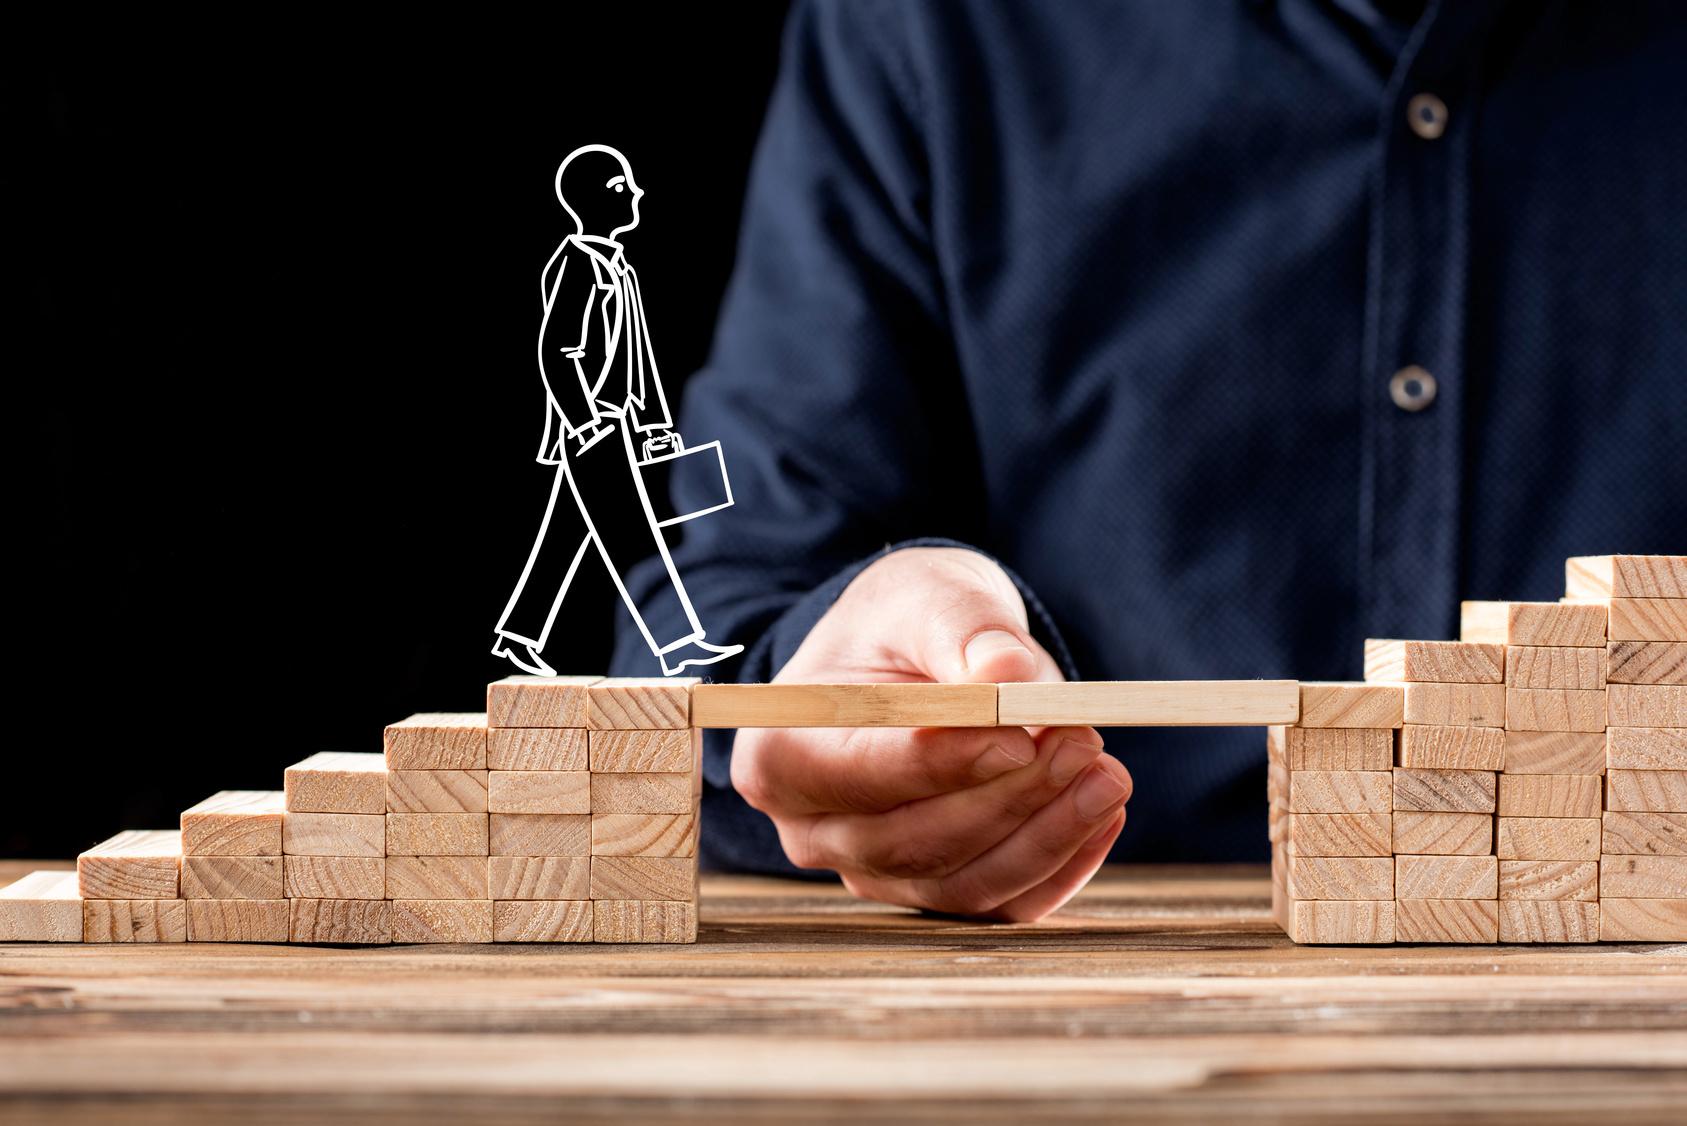 Foto: ilkercelik - stock.adobe.com